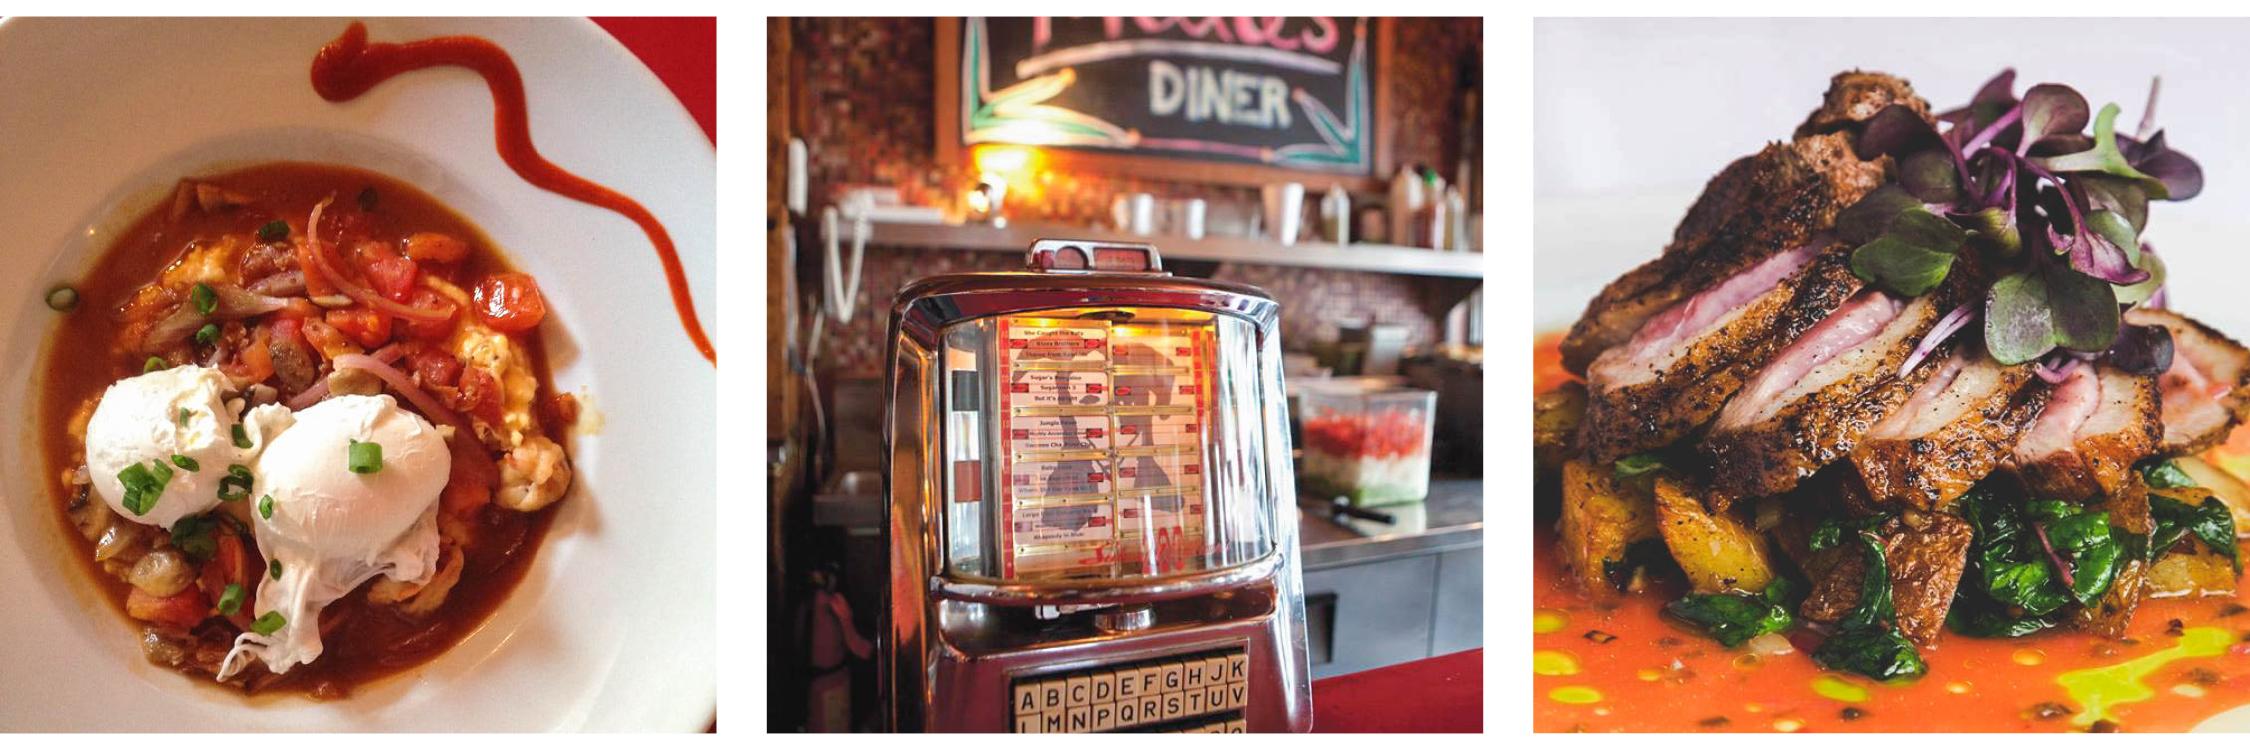 Images: Millie's Diner